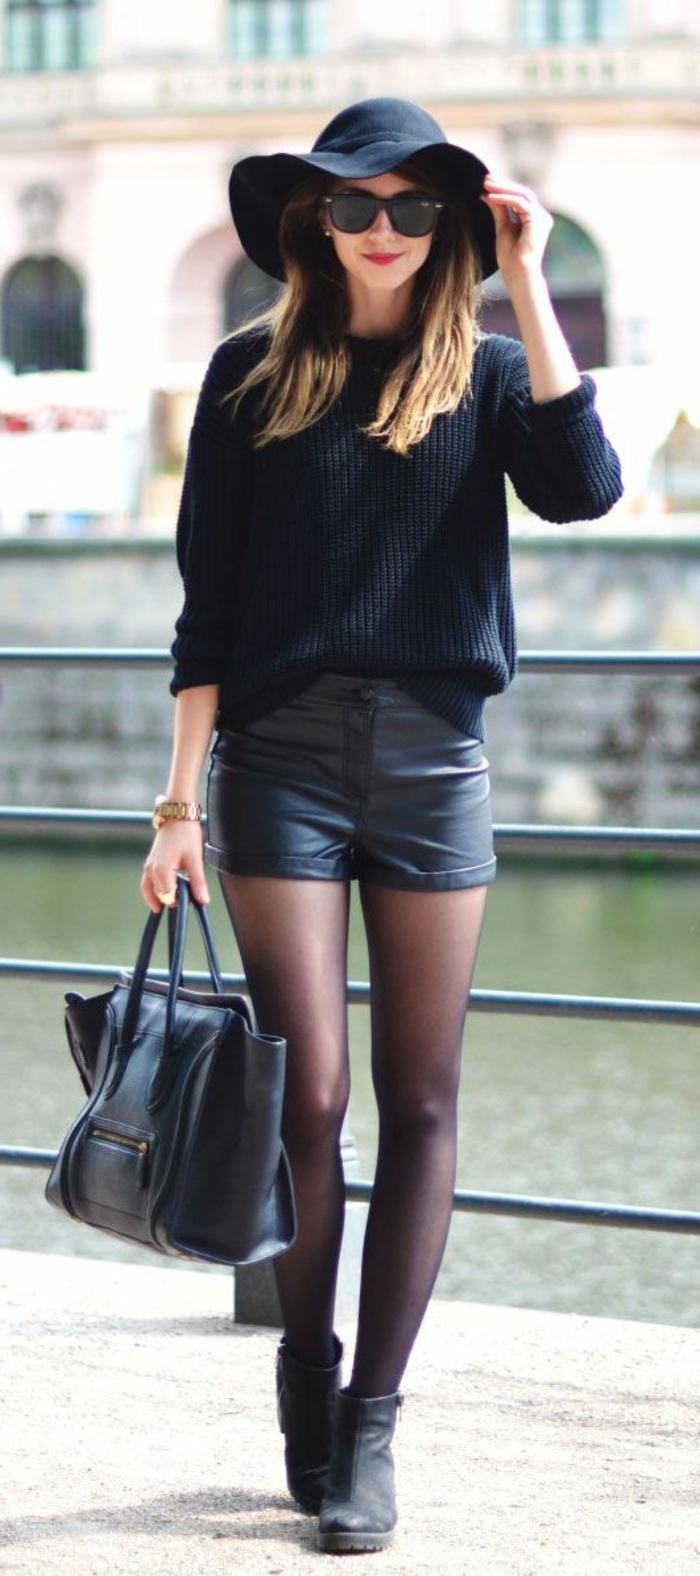 chapeau-capeline-femme-capeline-en-feutre-s-habiller-bien-noire-idée-vetements